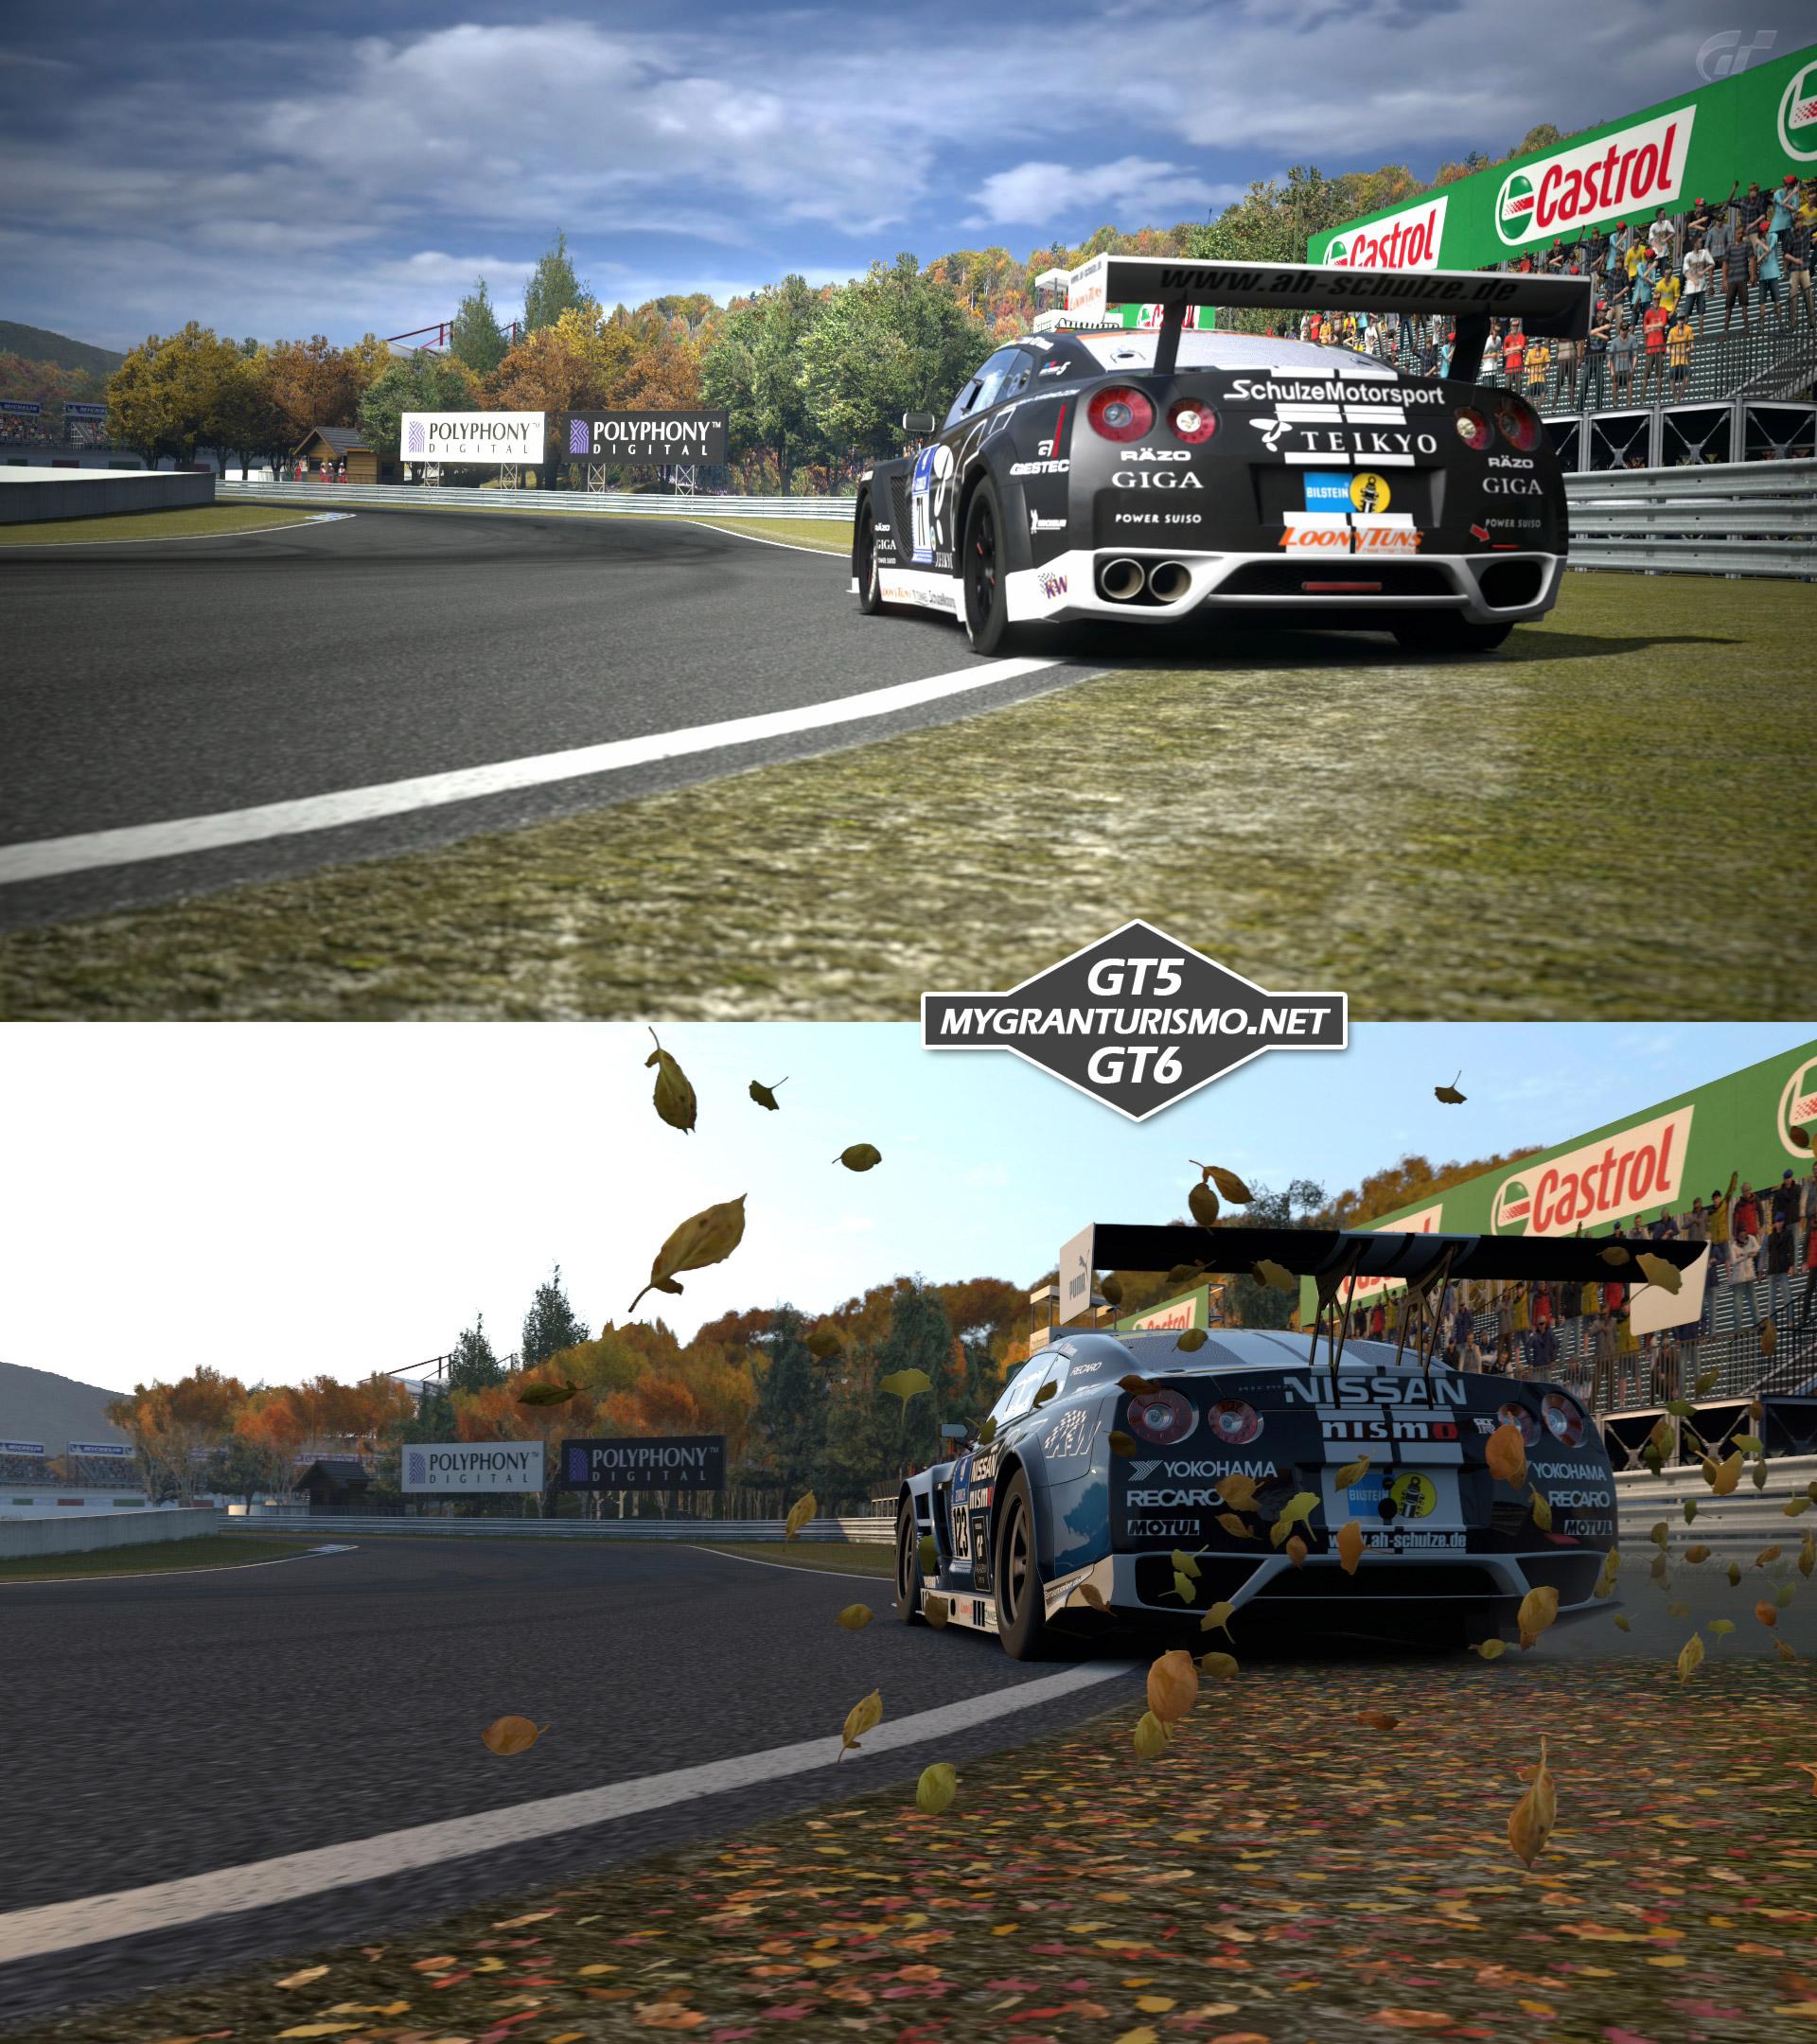 Exclusive Gran Turismo 5 Vs 6 Shots